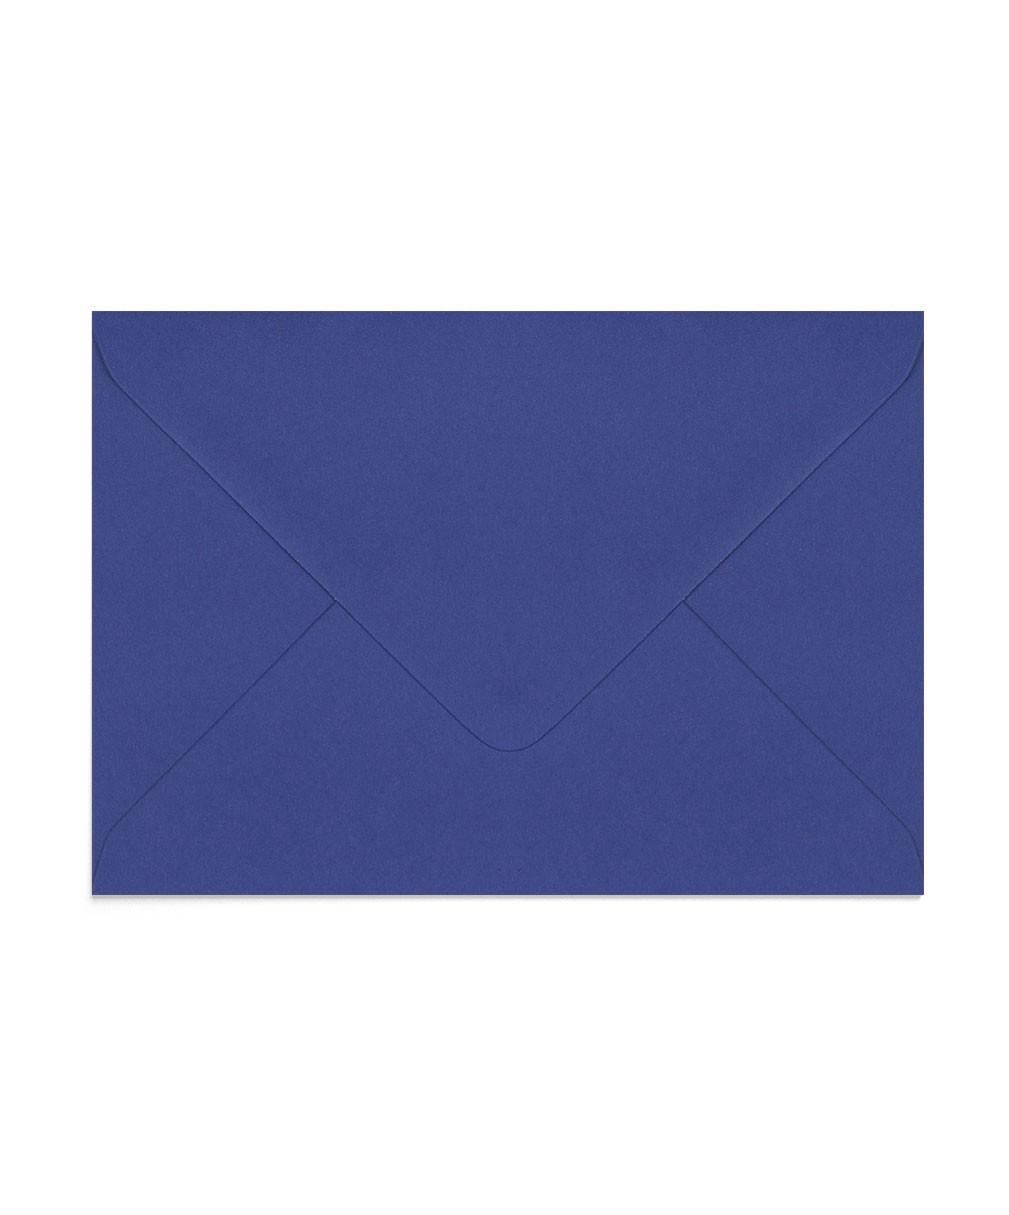 Plic C6 albastru iris